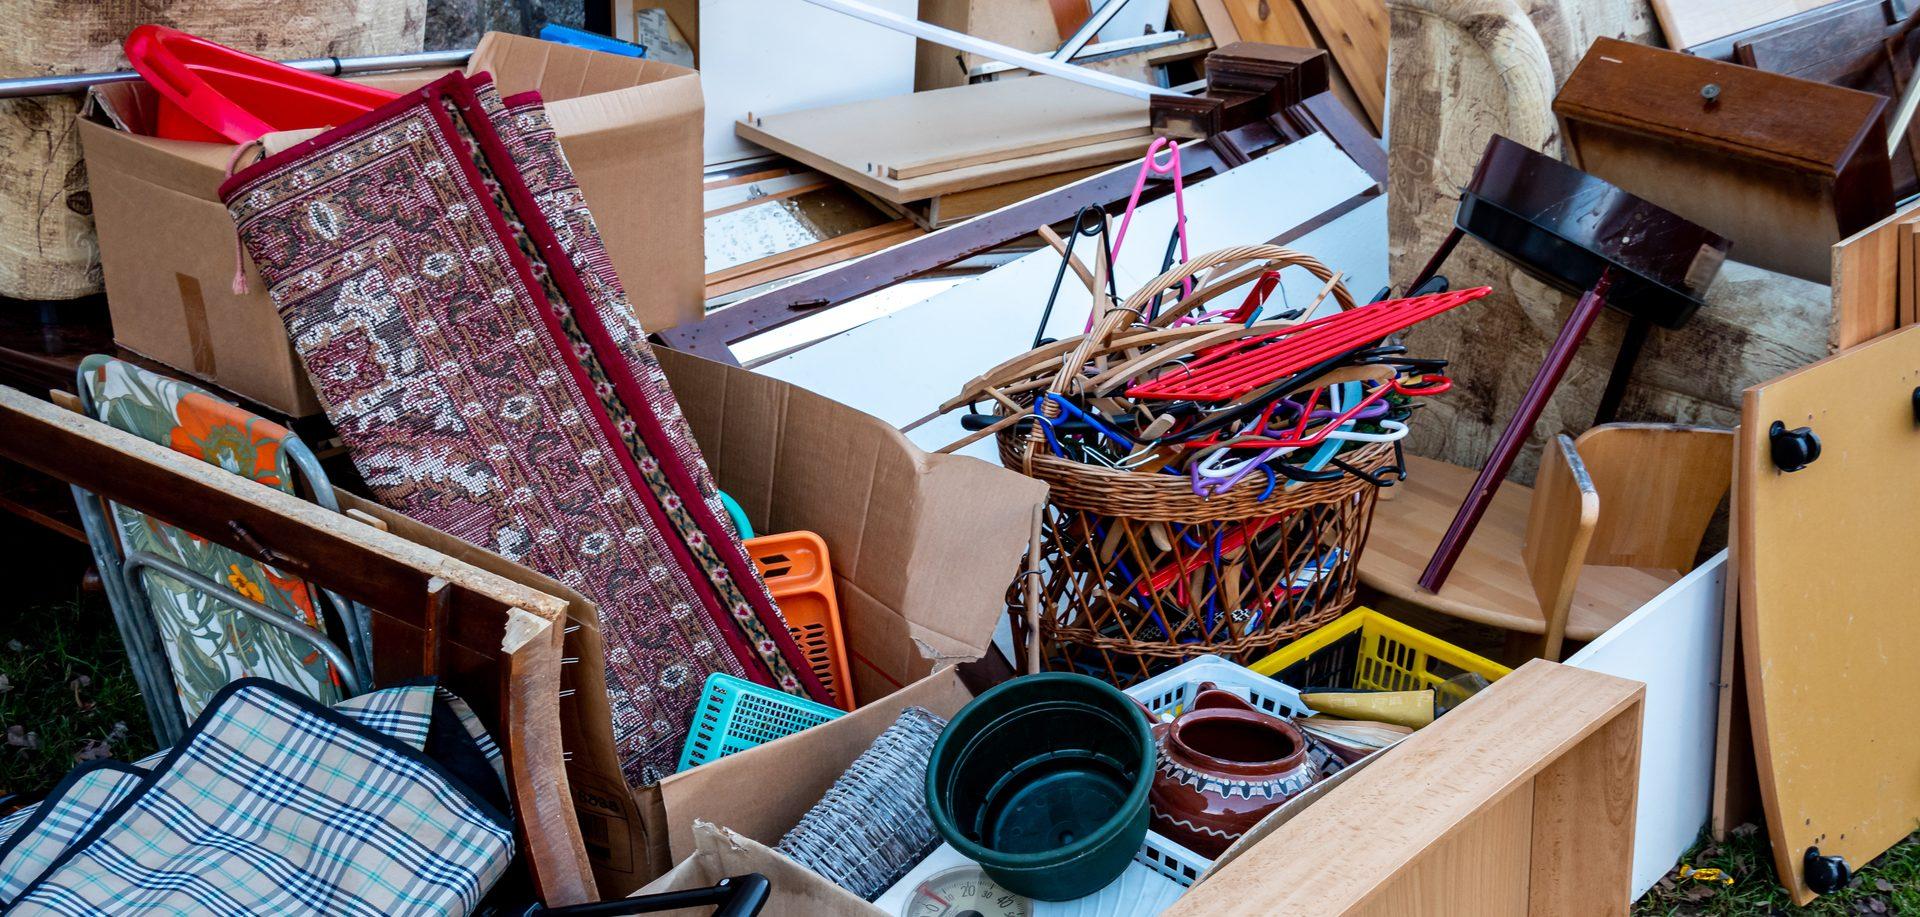 san antonio moving company junk removal